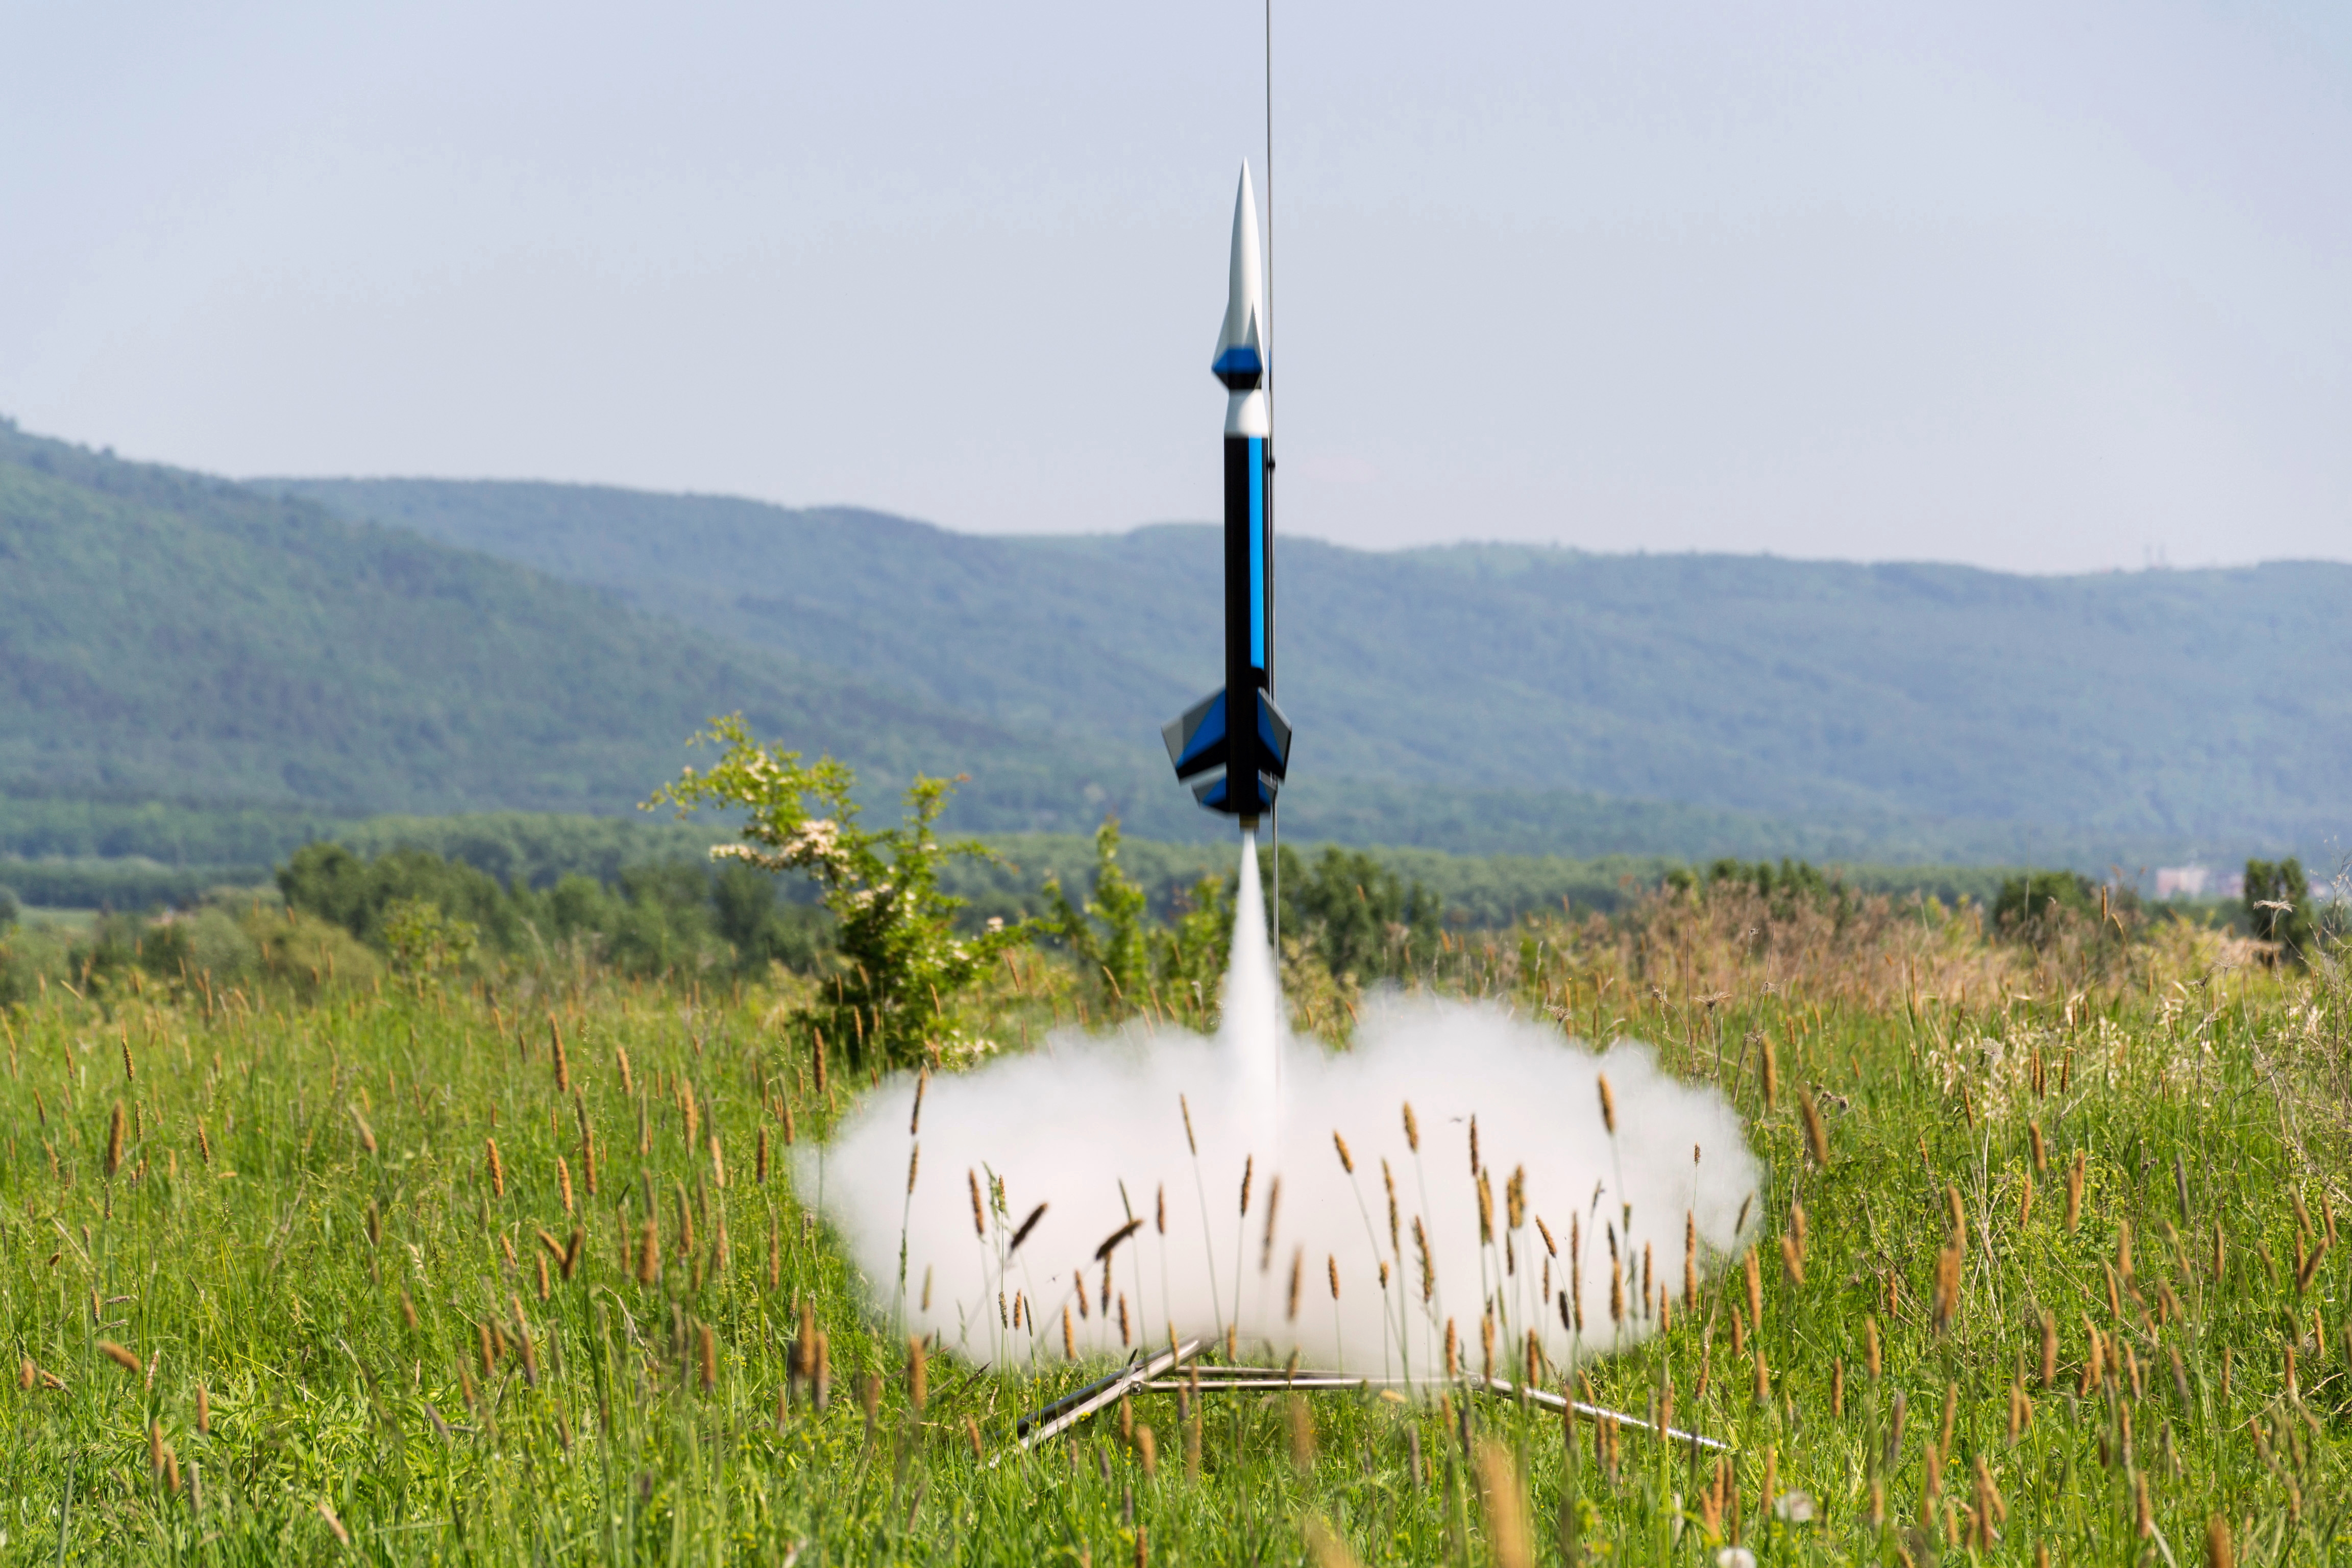 model rocket blasting off